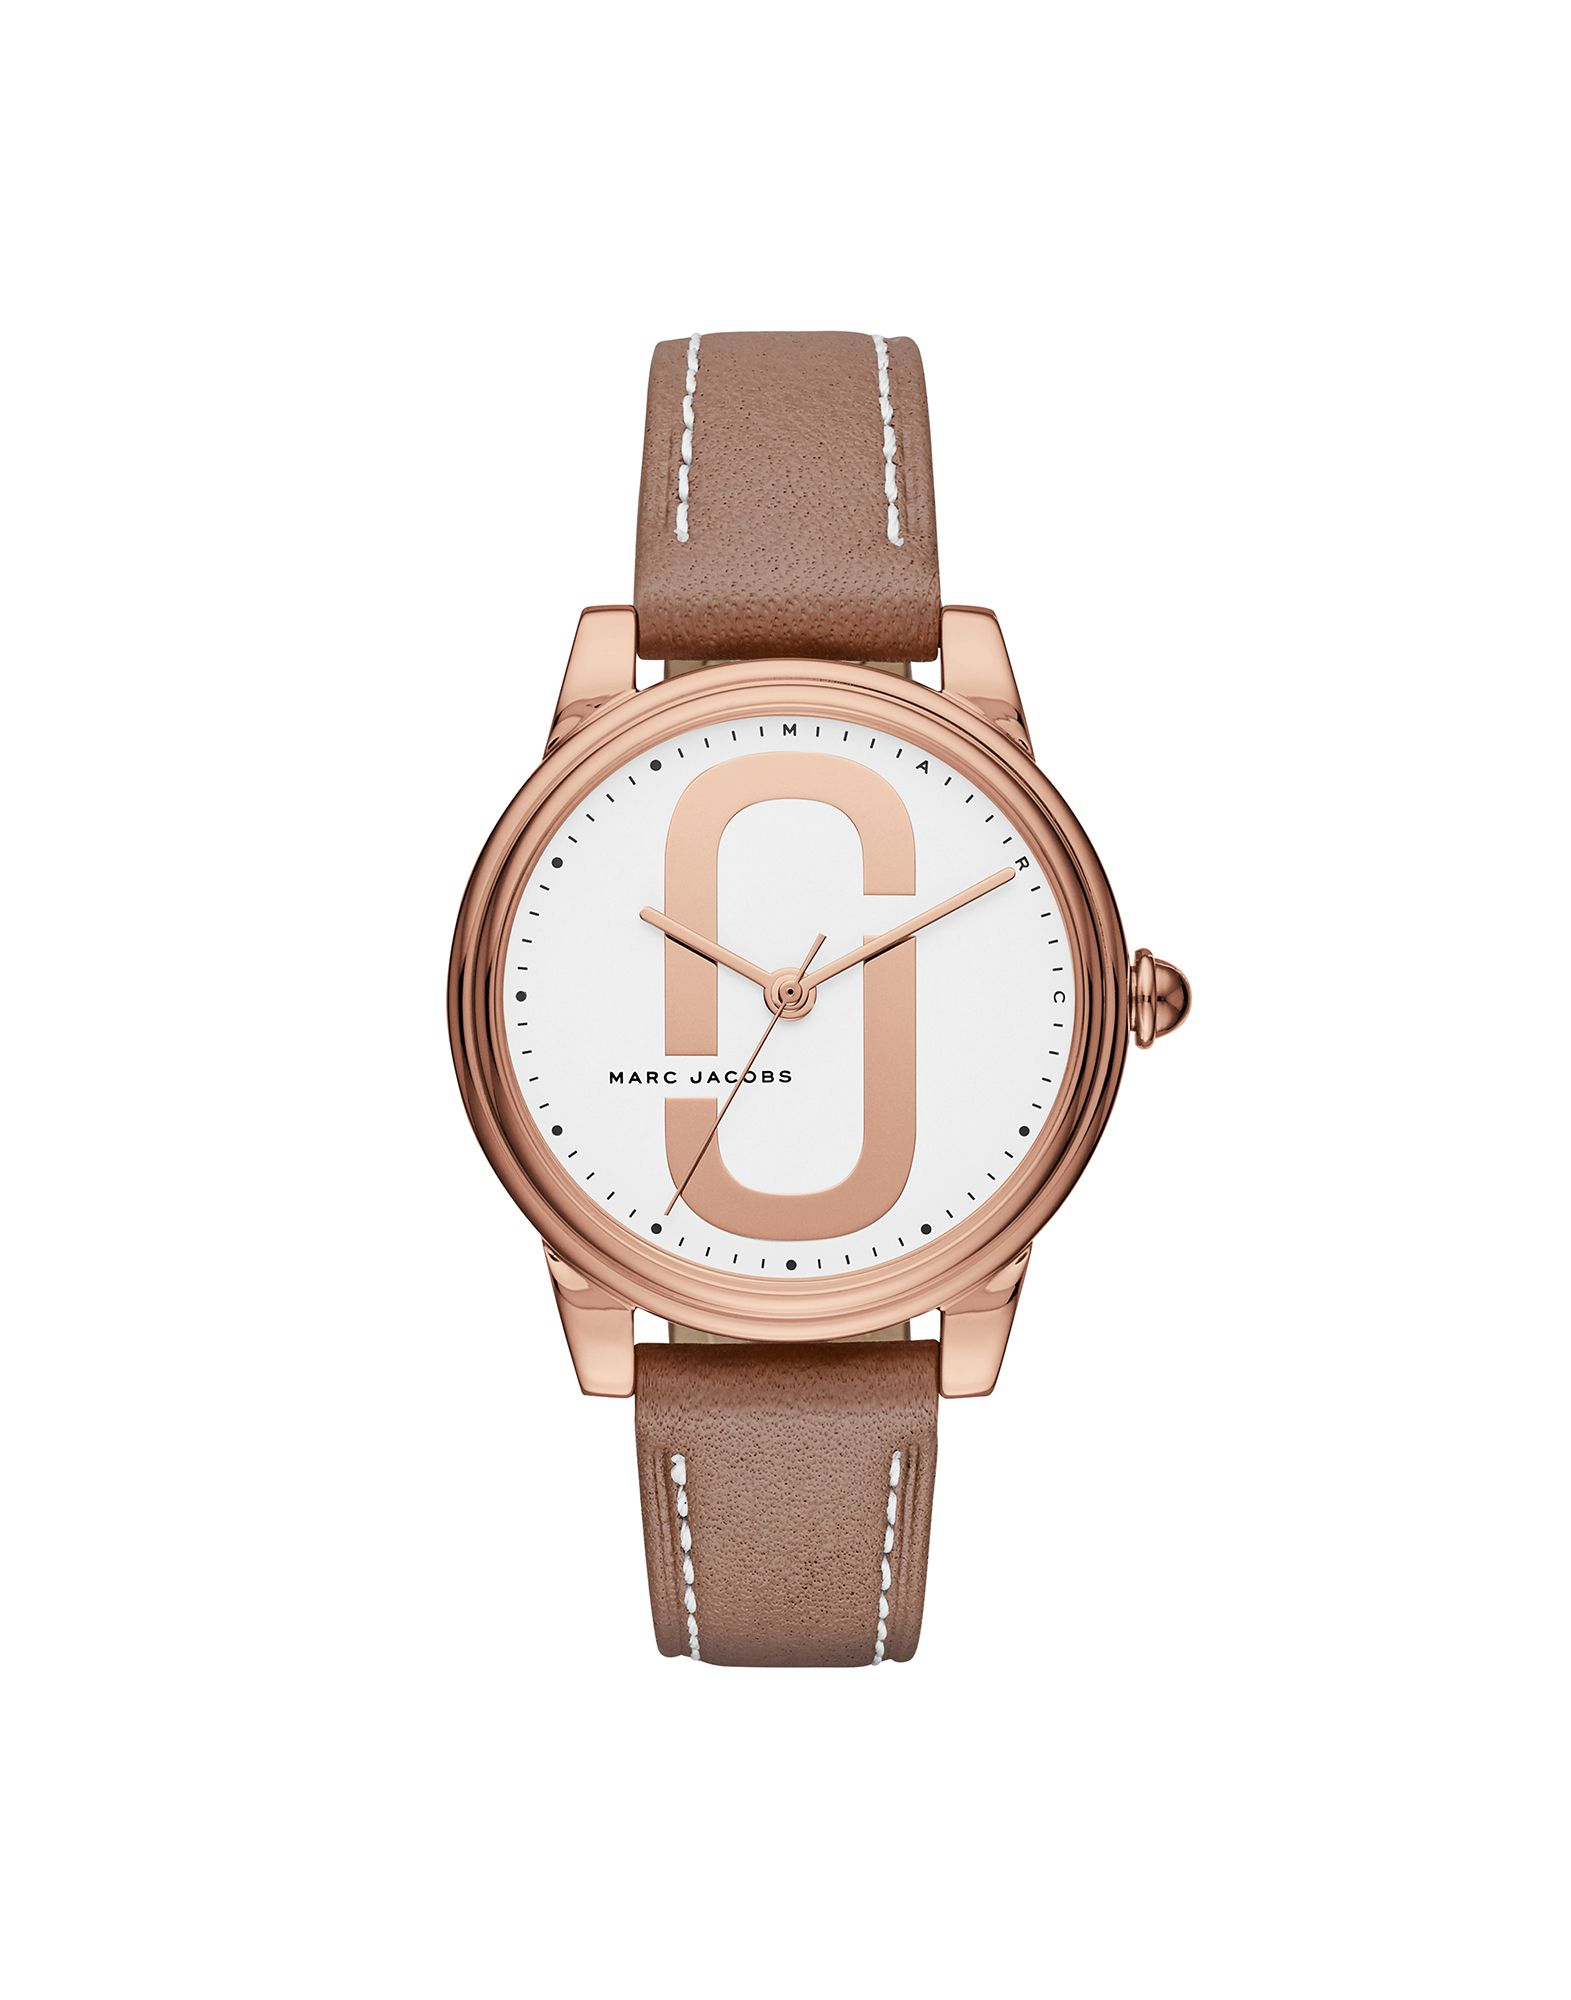 Orologio Da Polso Marc Jacobs Corie - Donna - Acquista online su